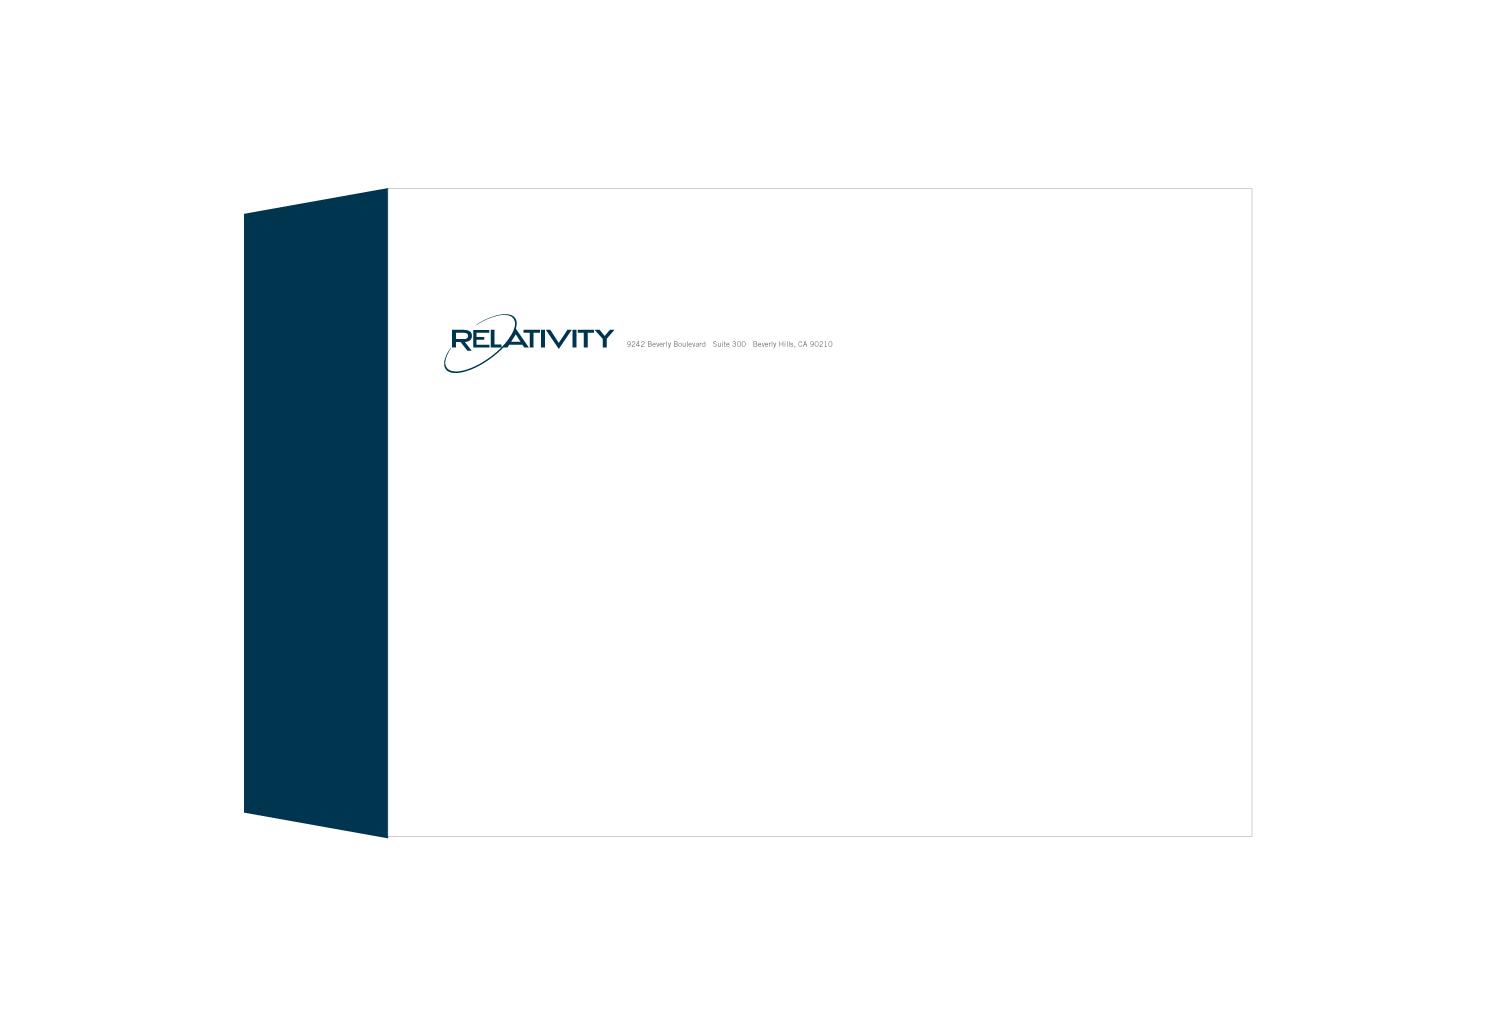 3-Relativity-stationery.jpg